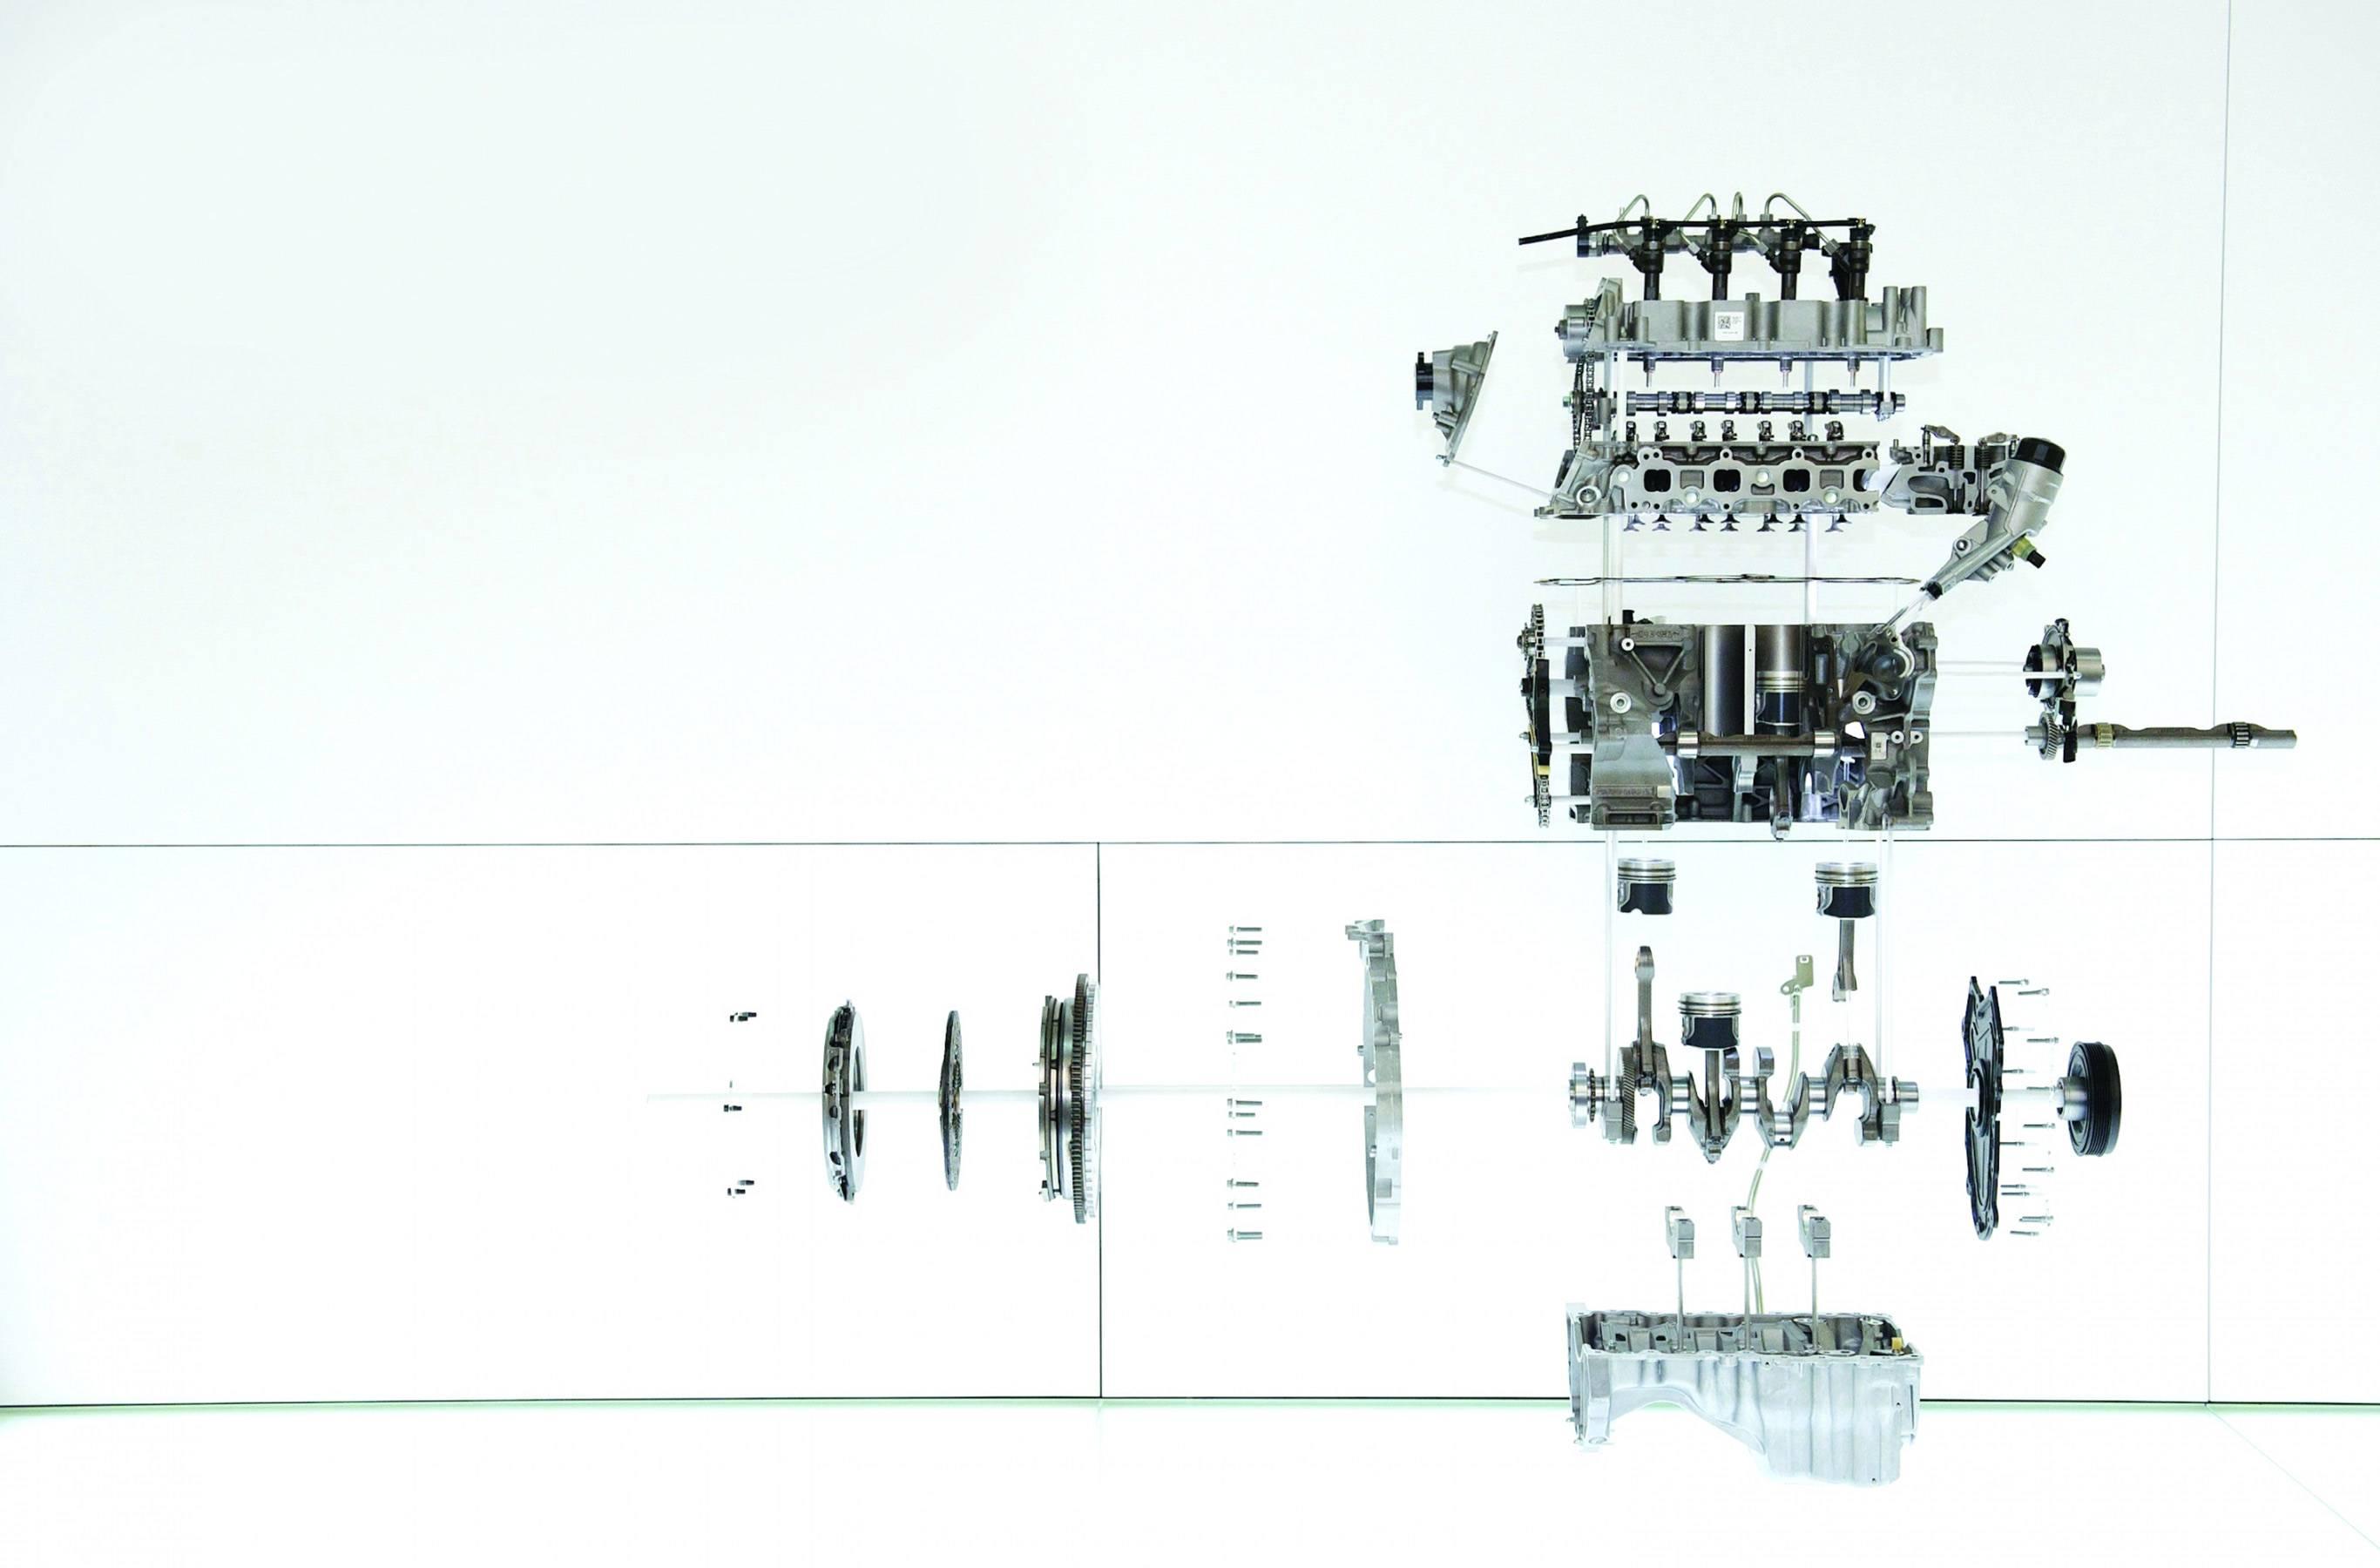 Land Rover - engine / moteur - Ingenium